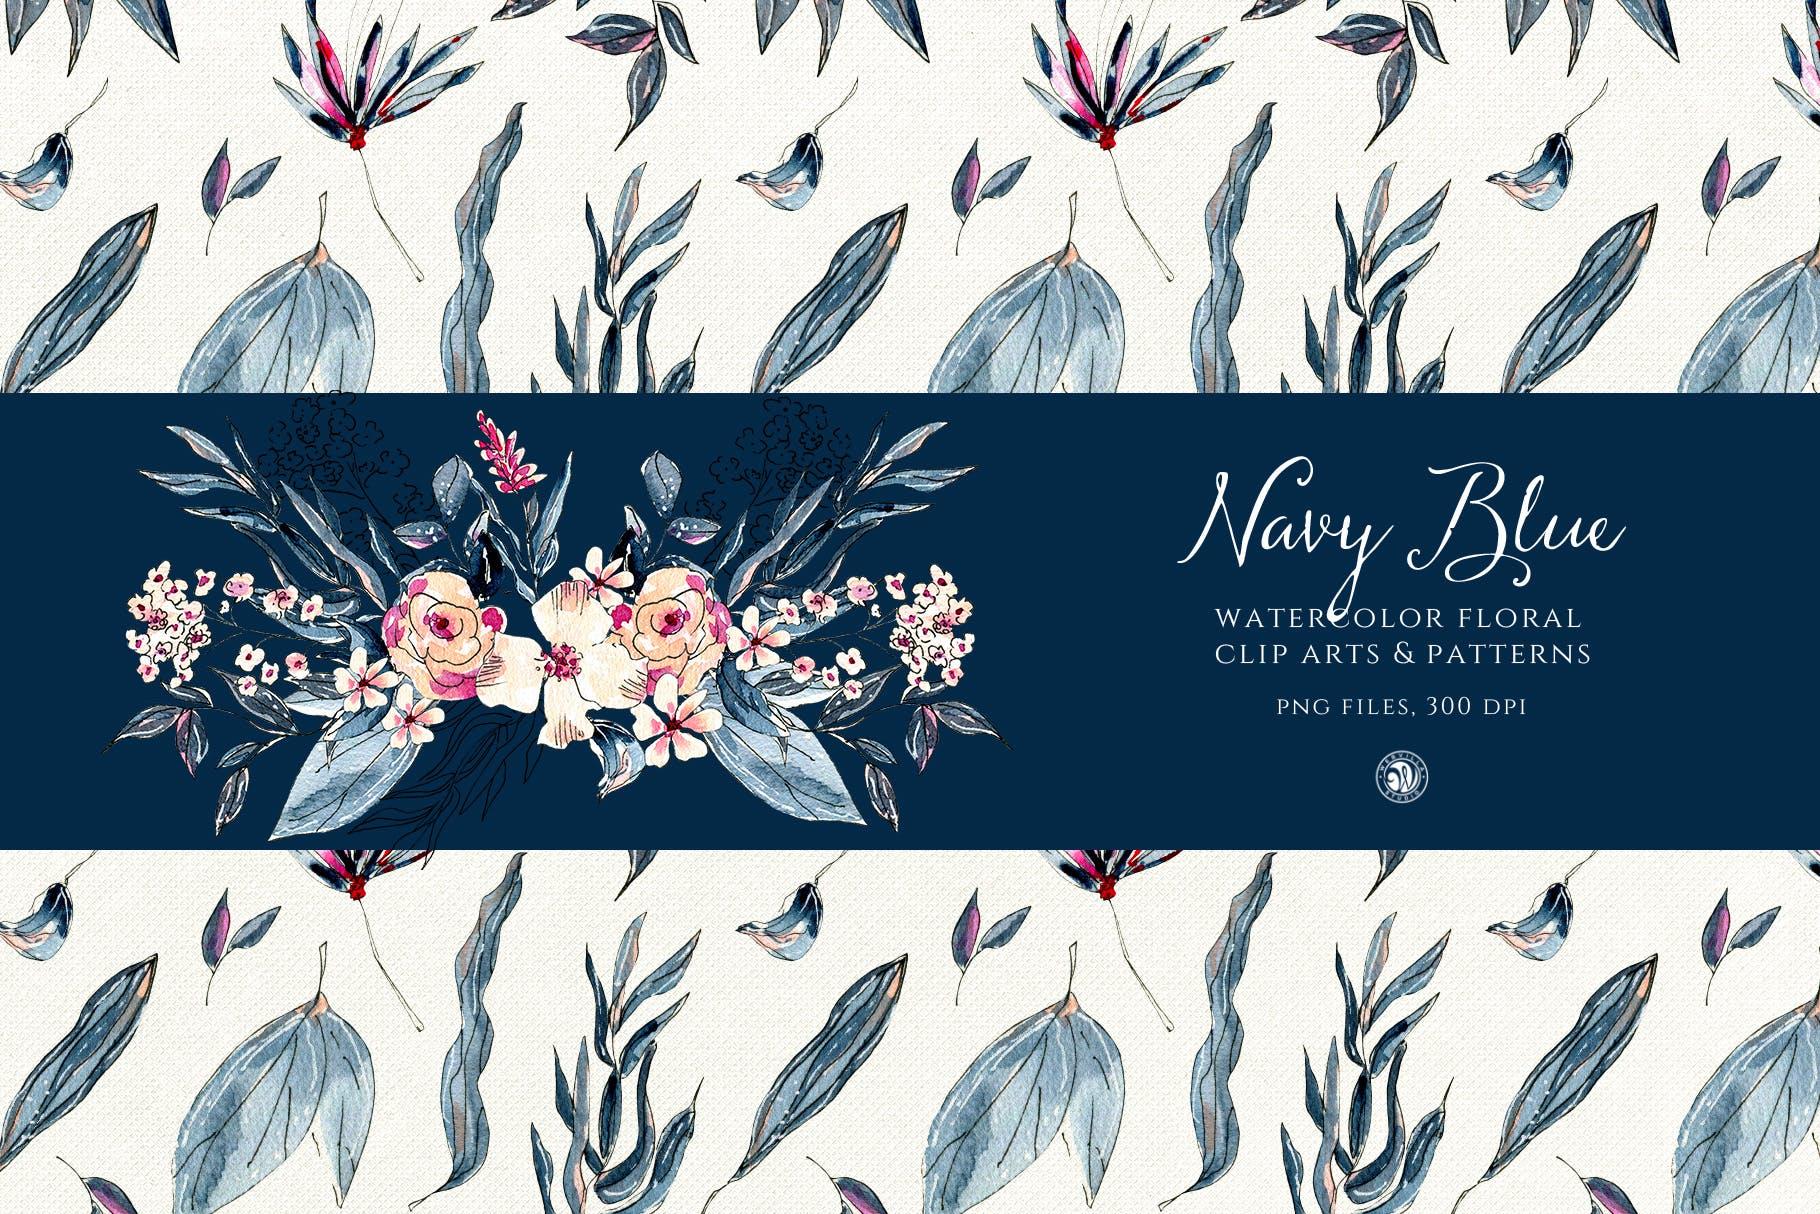 海军蓝花朵手绘水彩花朵和图案装饰元素下载Navy Blue Flowers插图(3)